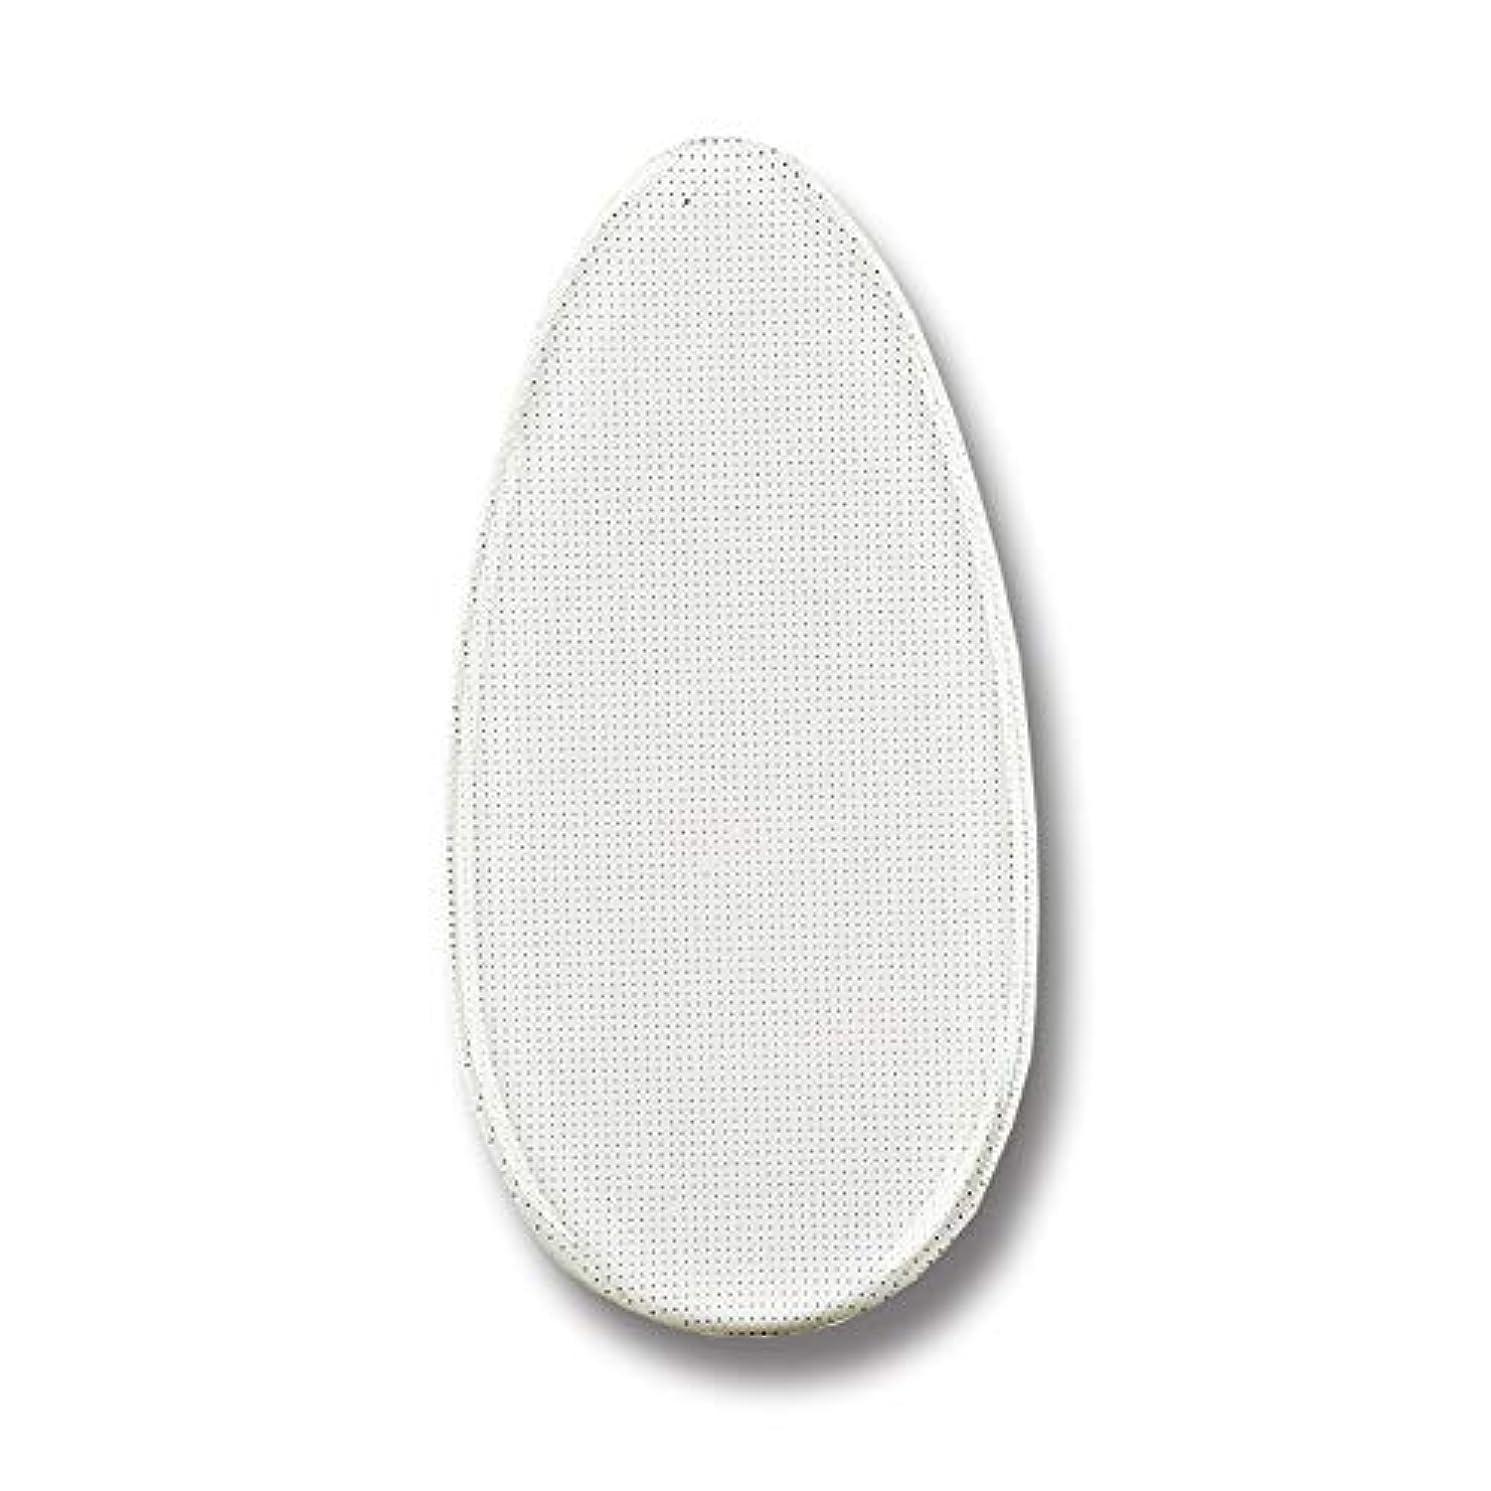 ピンチ名目上のルアーLIHAO かかとやすり 角質取り 足用 かかと用 フットケア 垢すり 収納袋付き